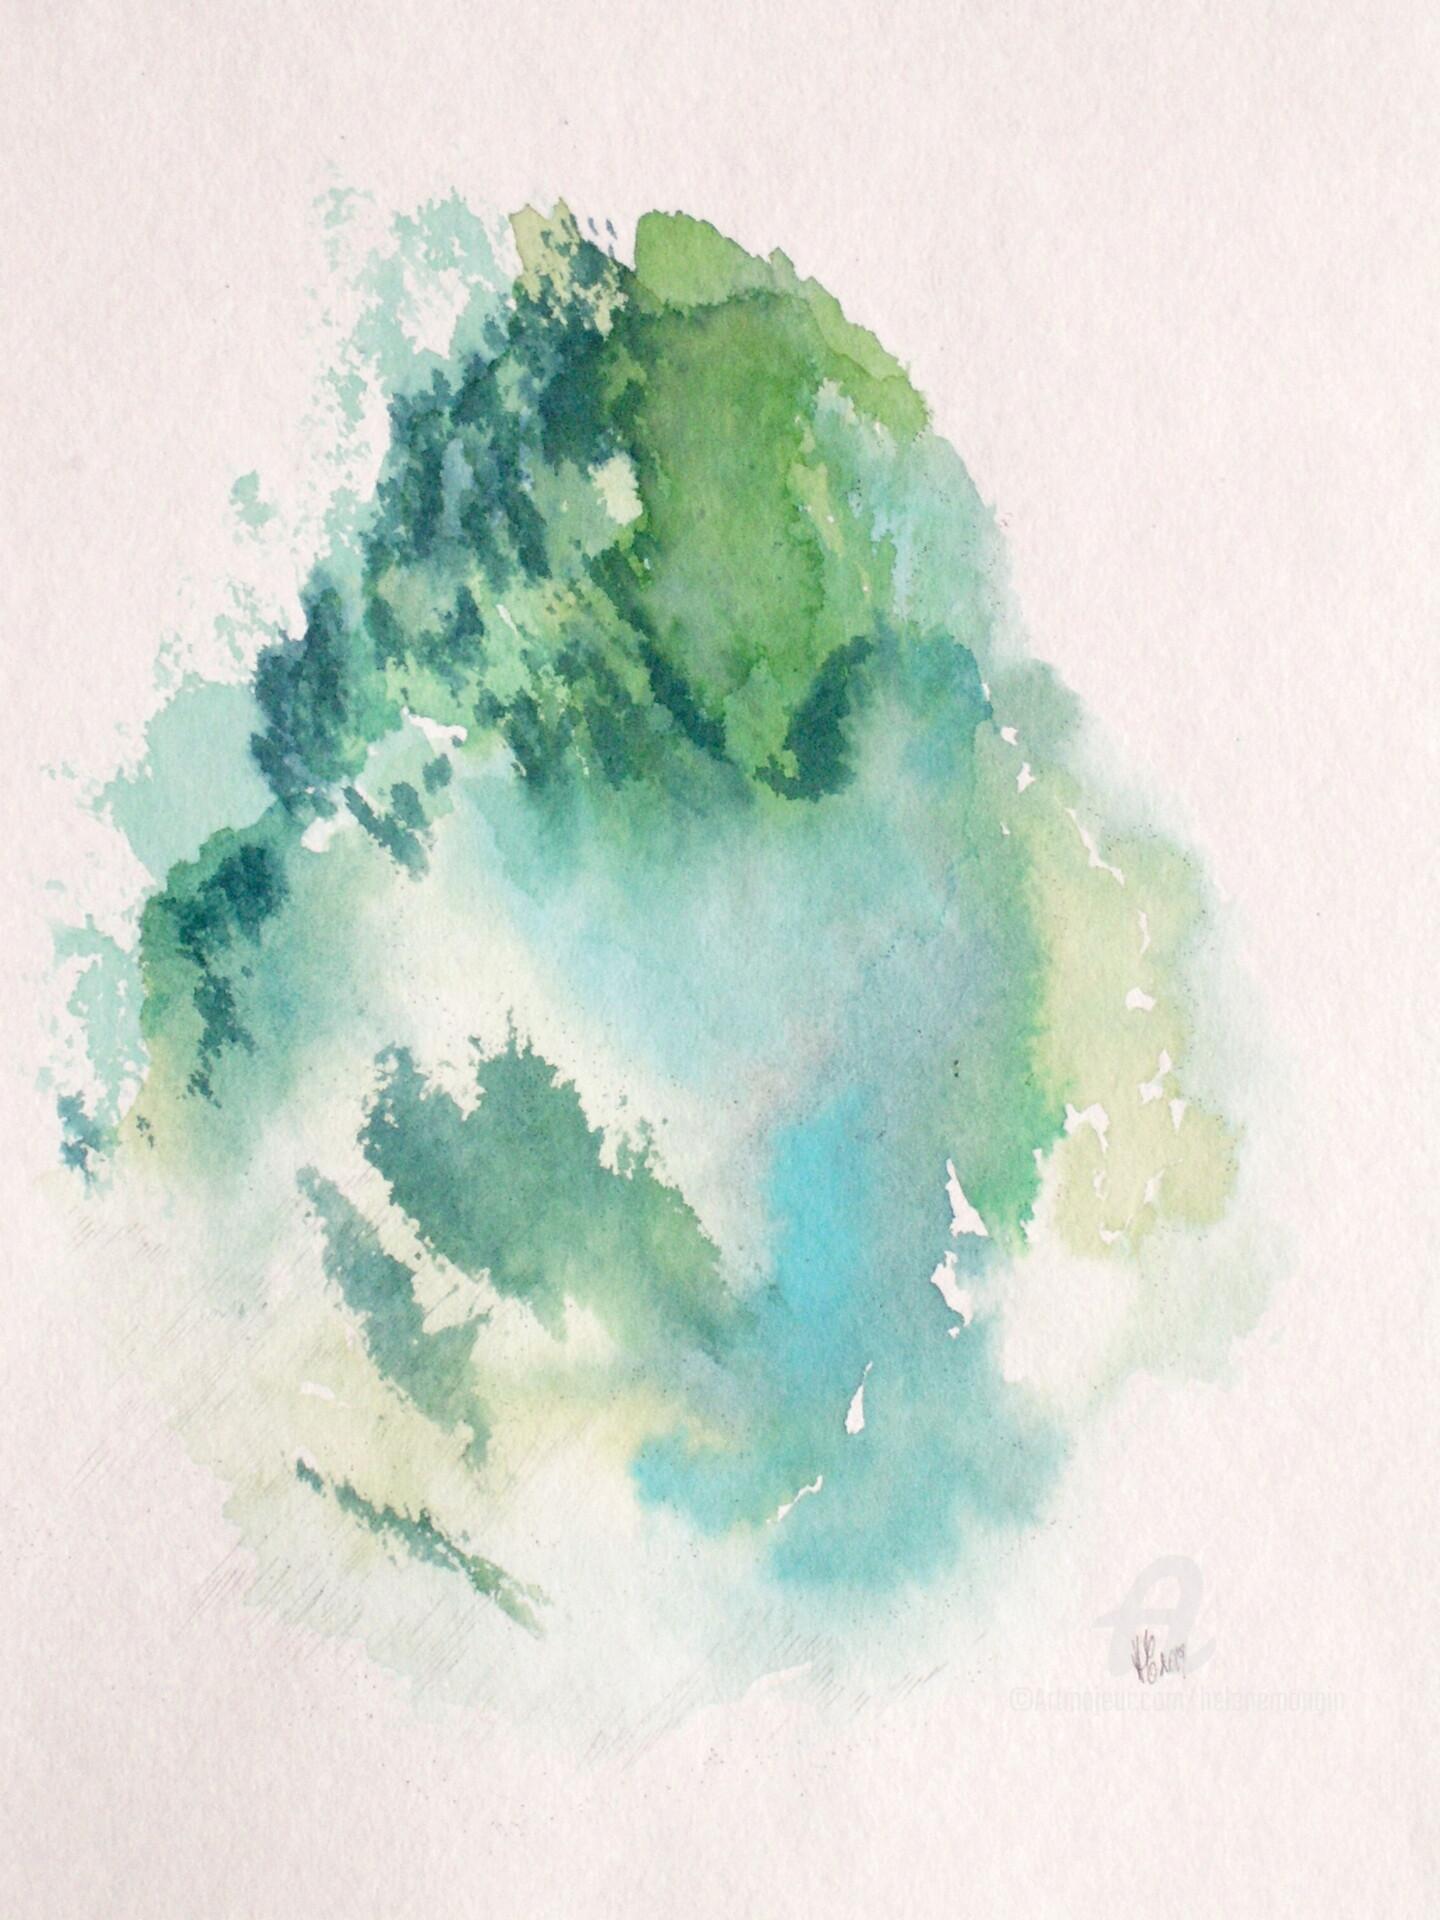 Hélène Mongin - Blue in Green, cimes et forets 09